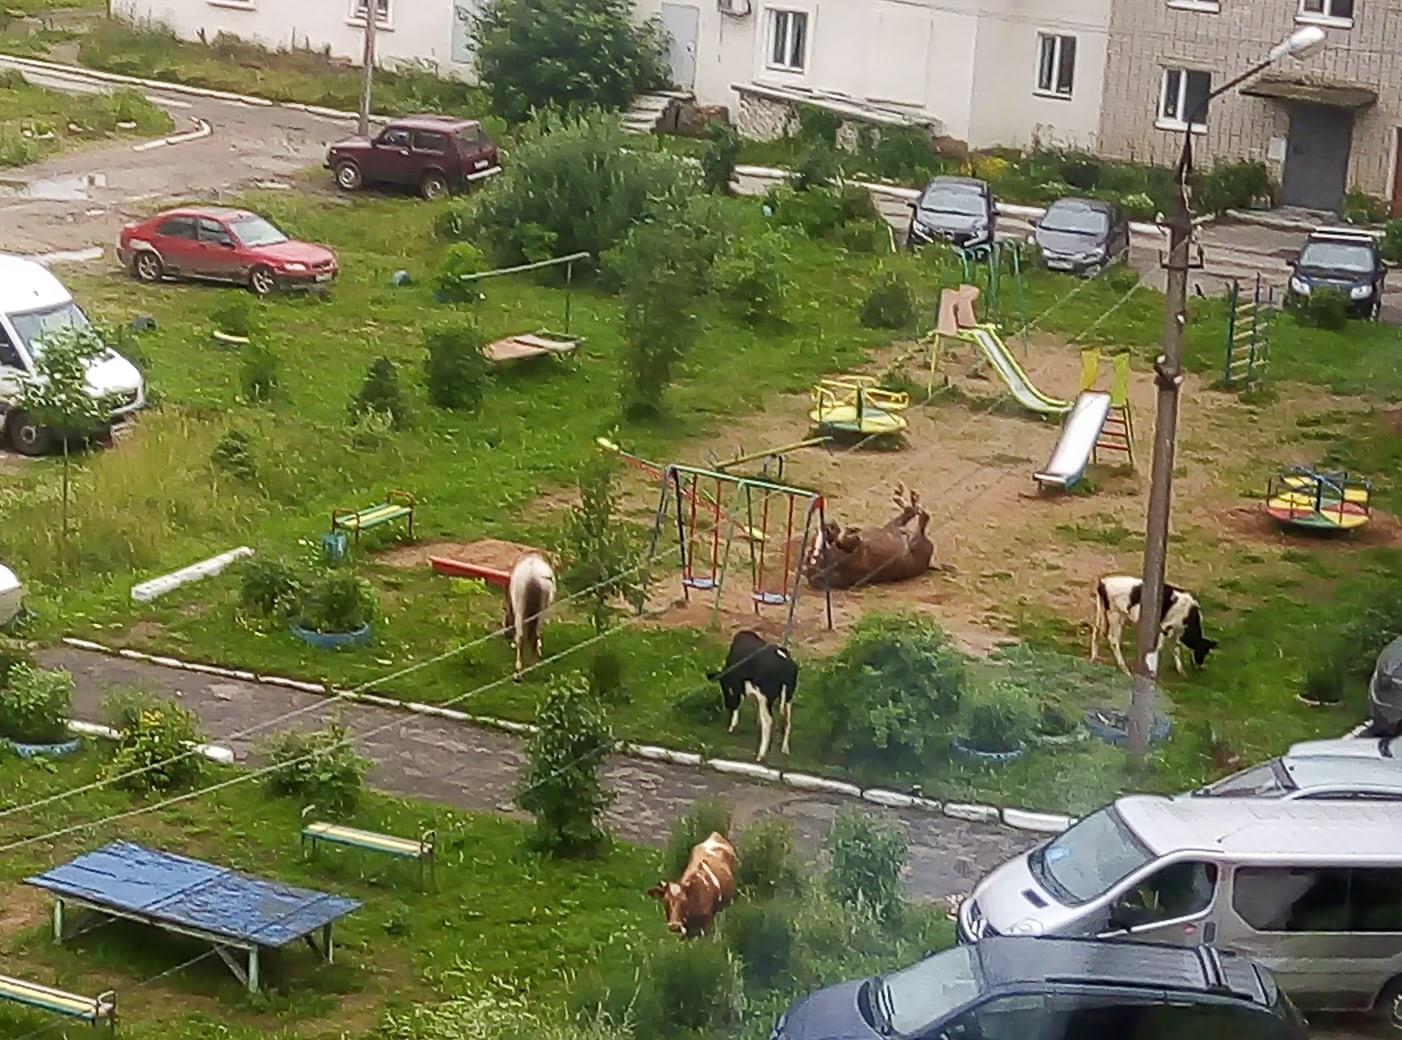 Конь валялся на детской площадке в компании коров в Тверской области